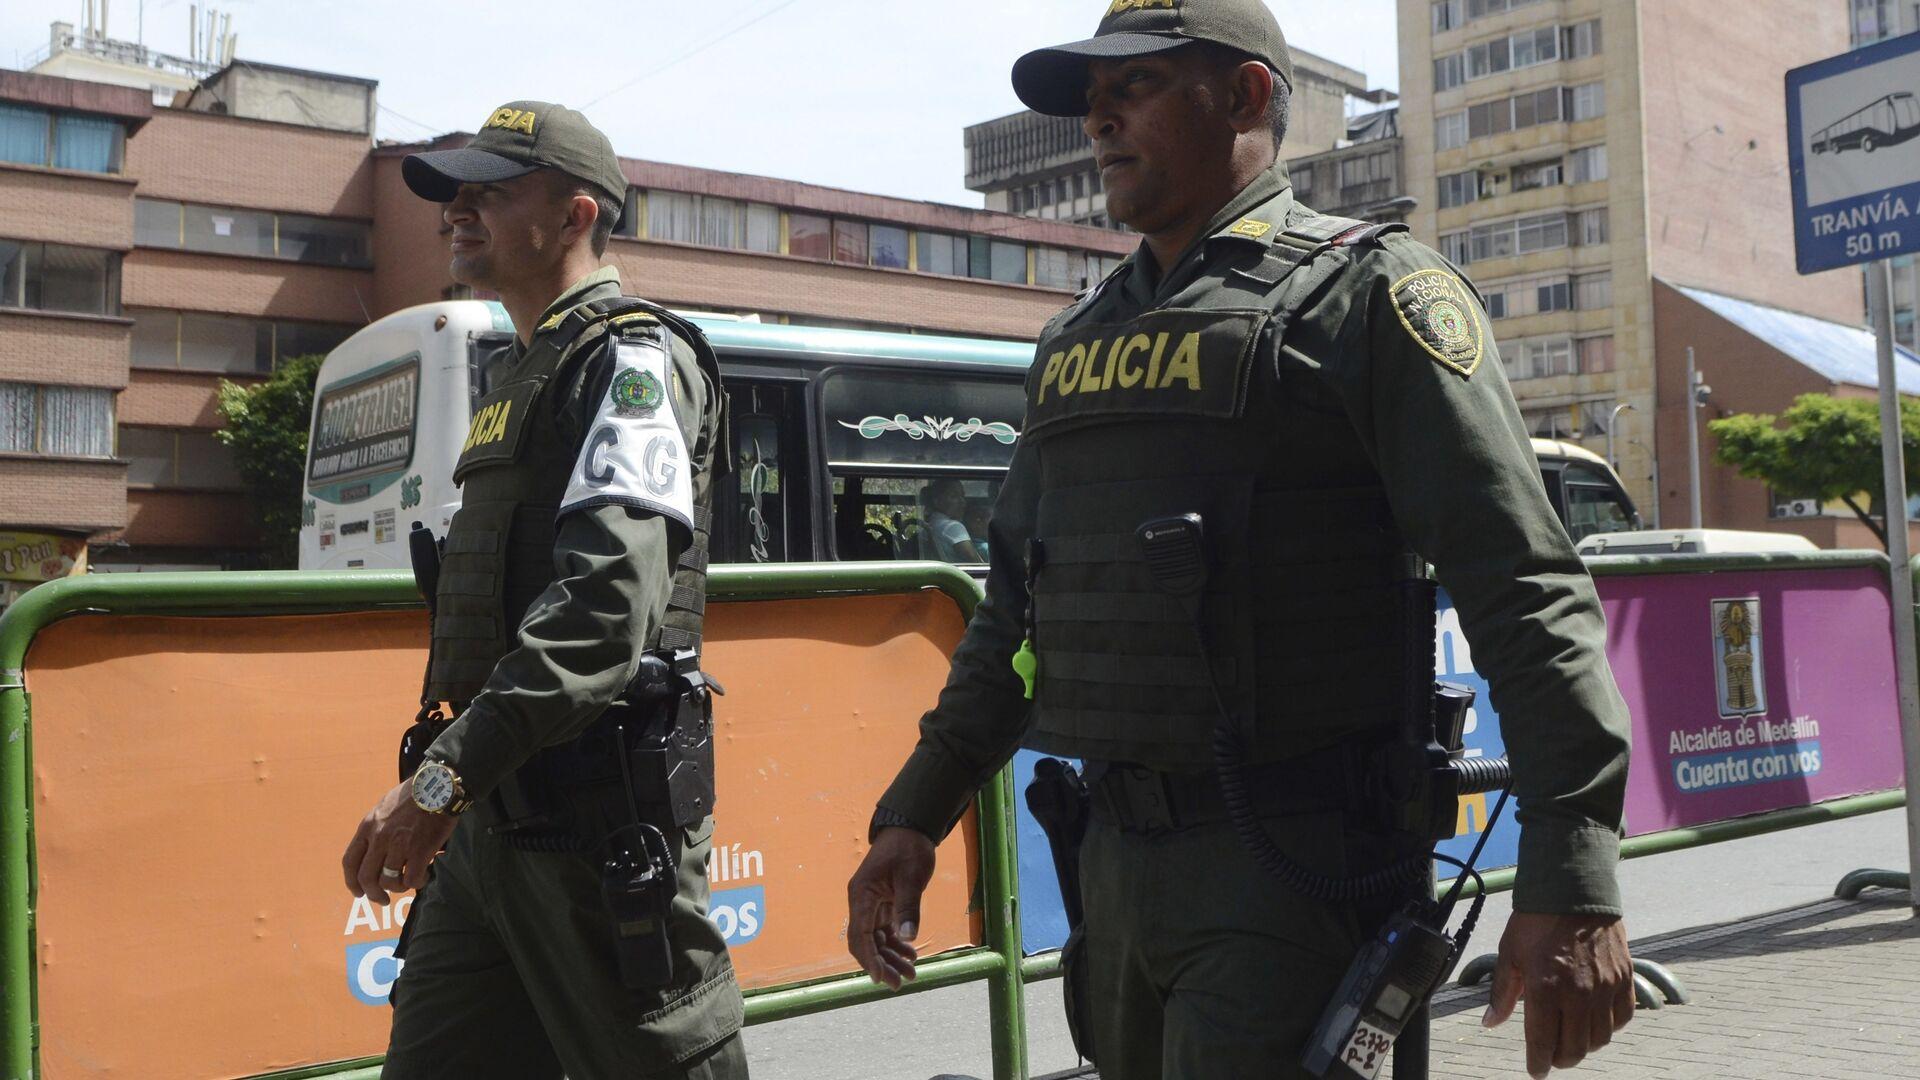 Policía colombiana (Archivo) - Sputnik Mundo, 1920, 07.08.2021